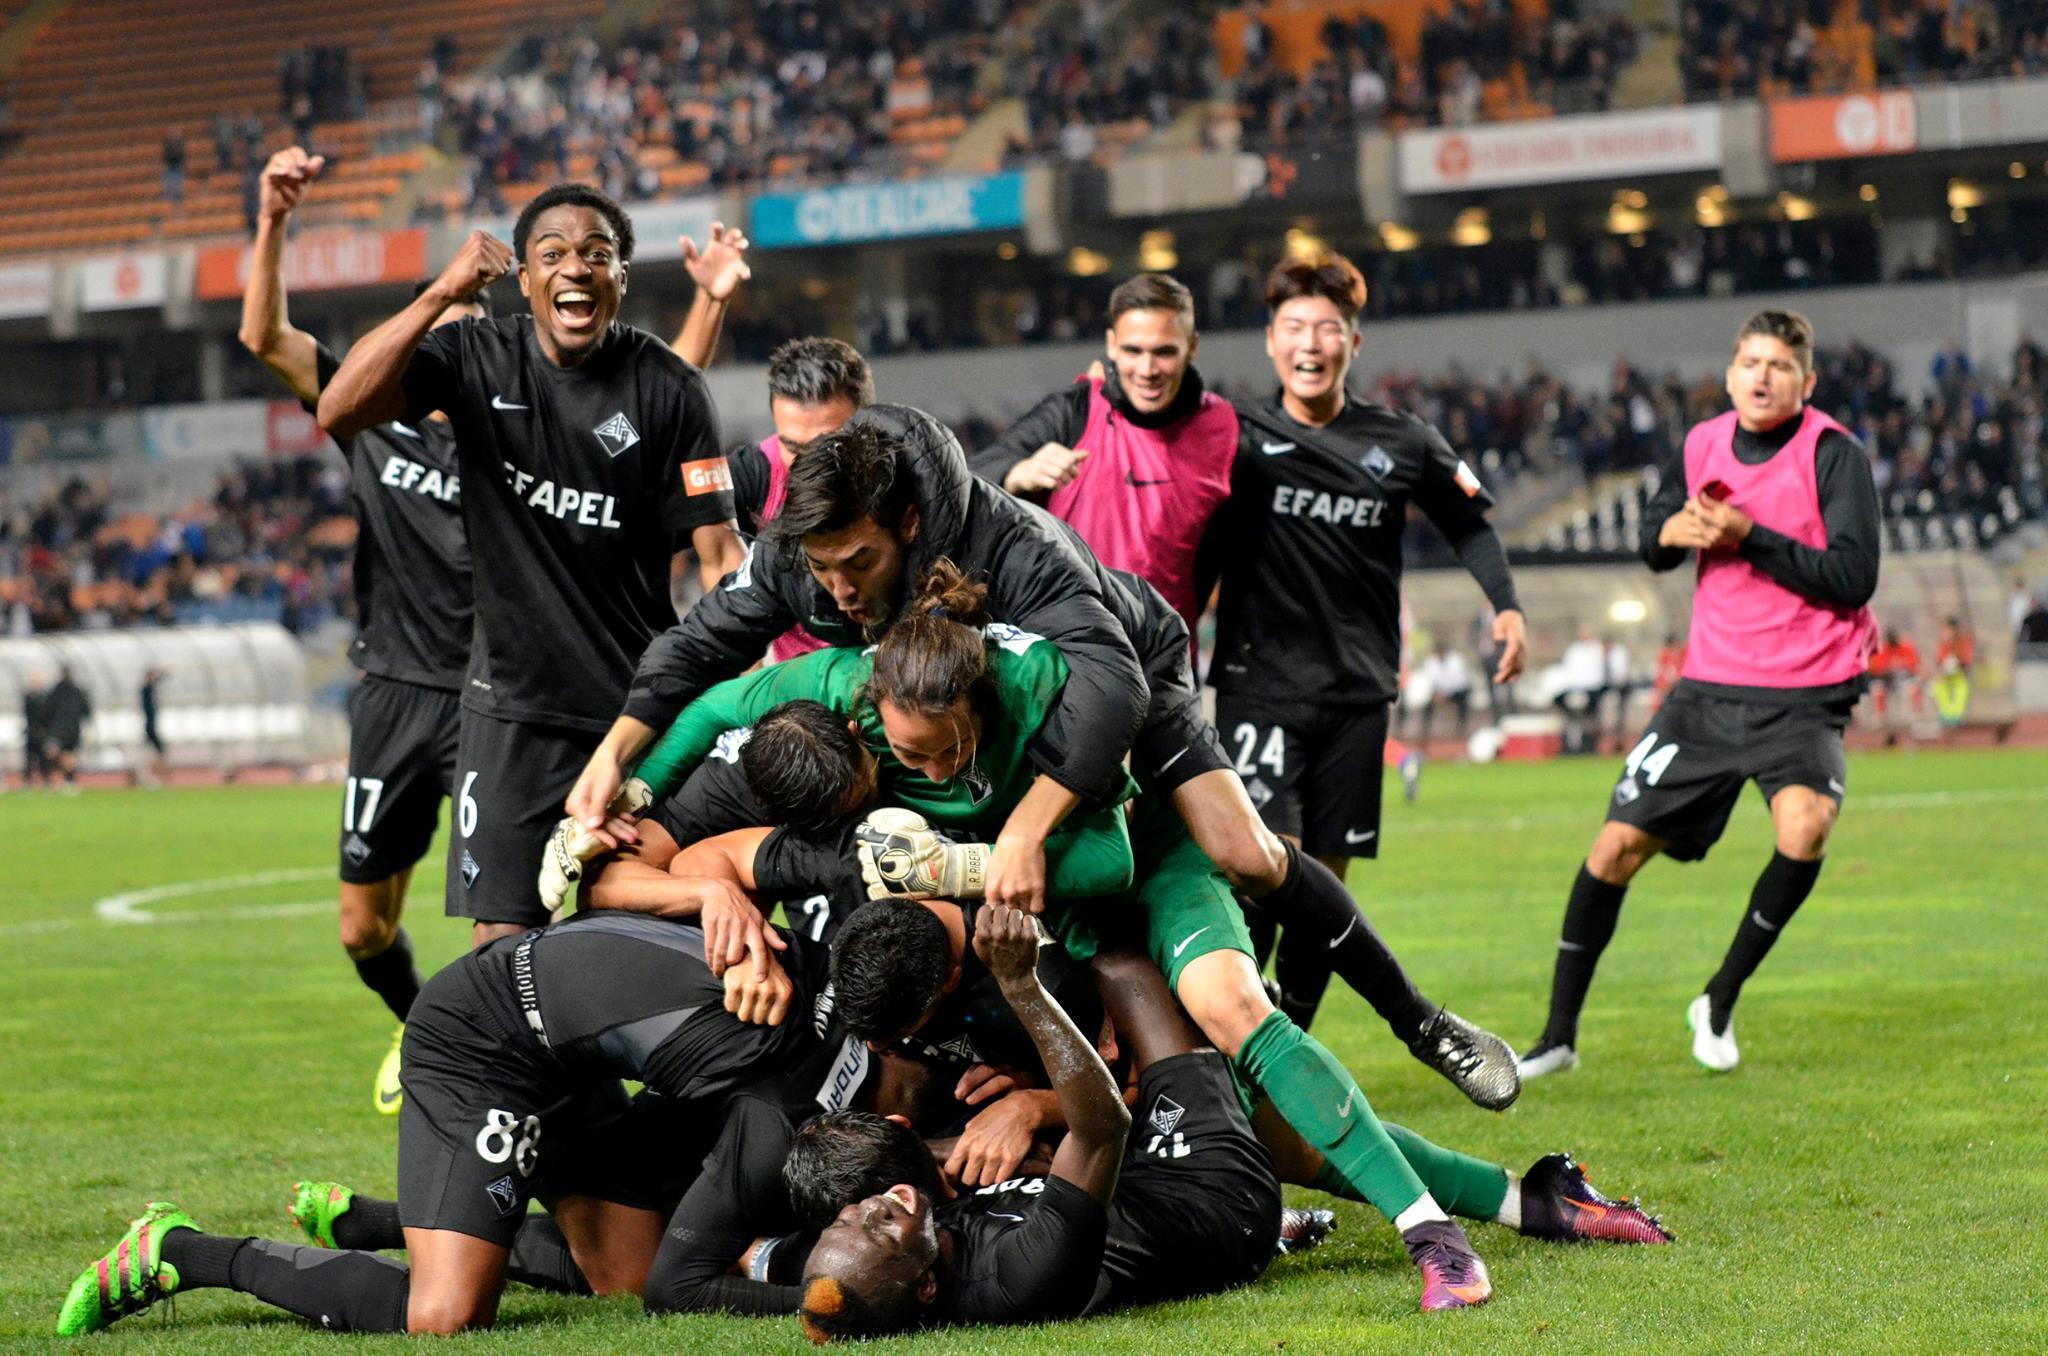 Jogadores da Académica em euforia após o 2-1 Fonte: Académica OAF via CAPhoto